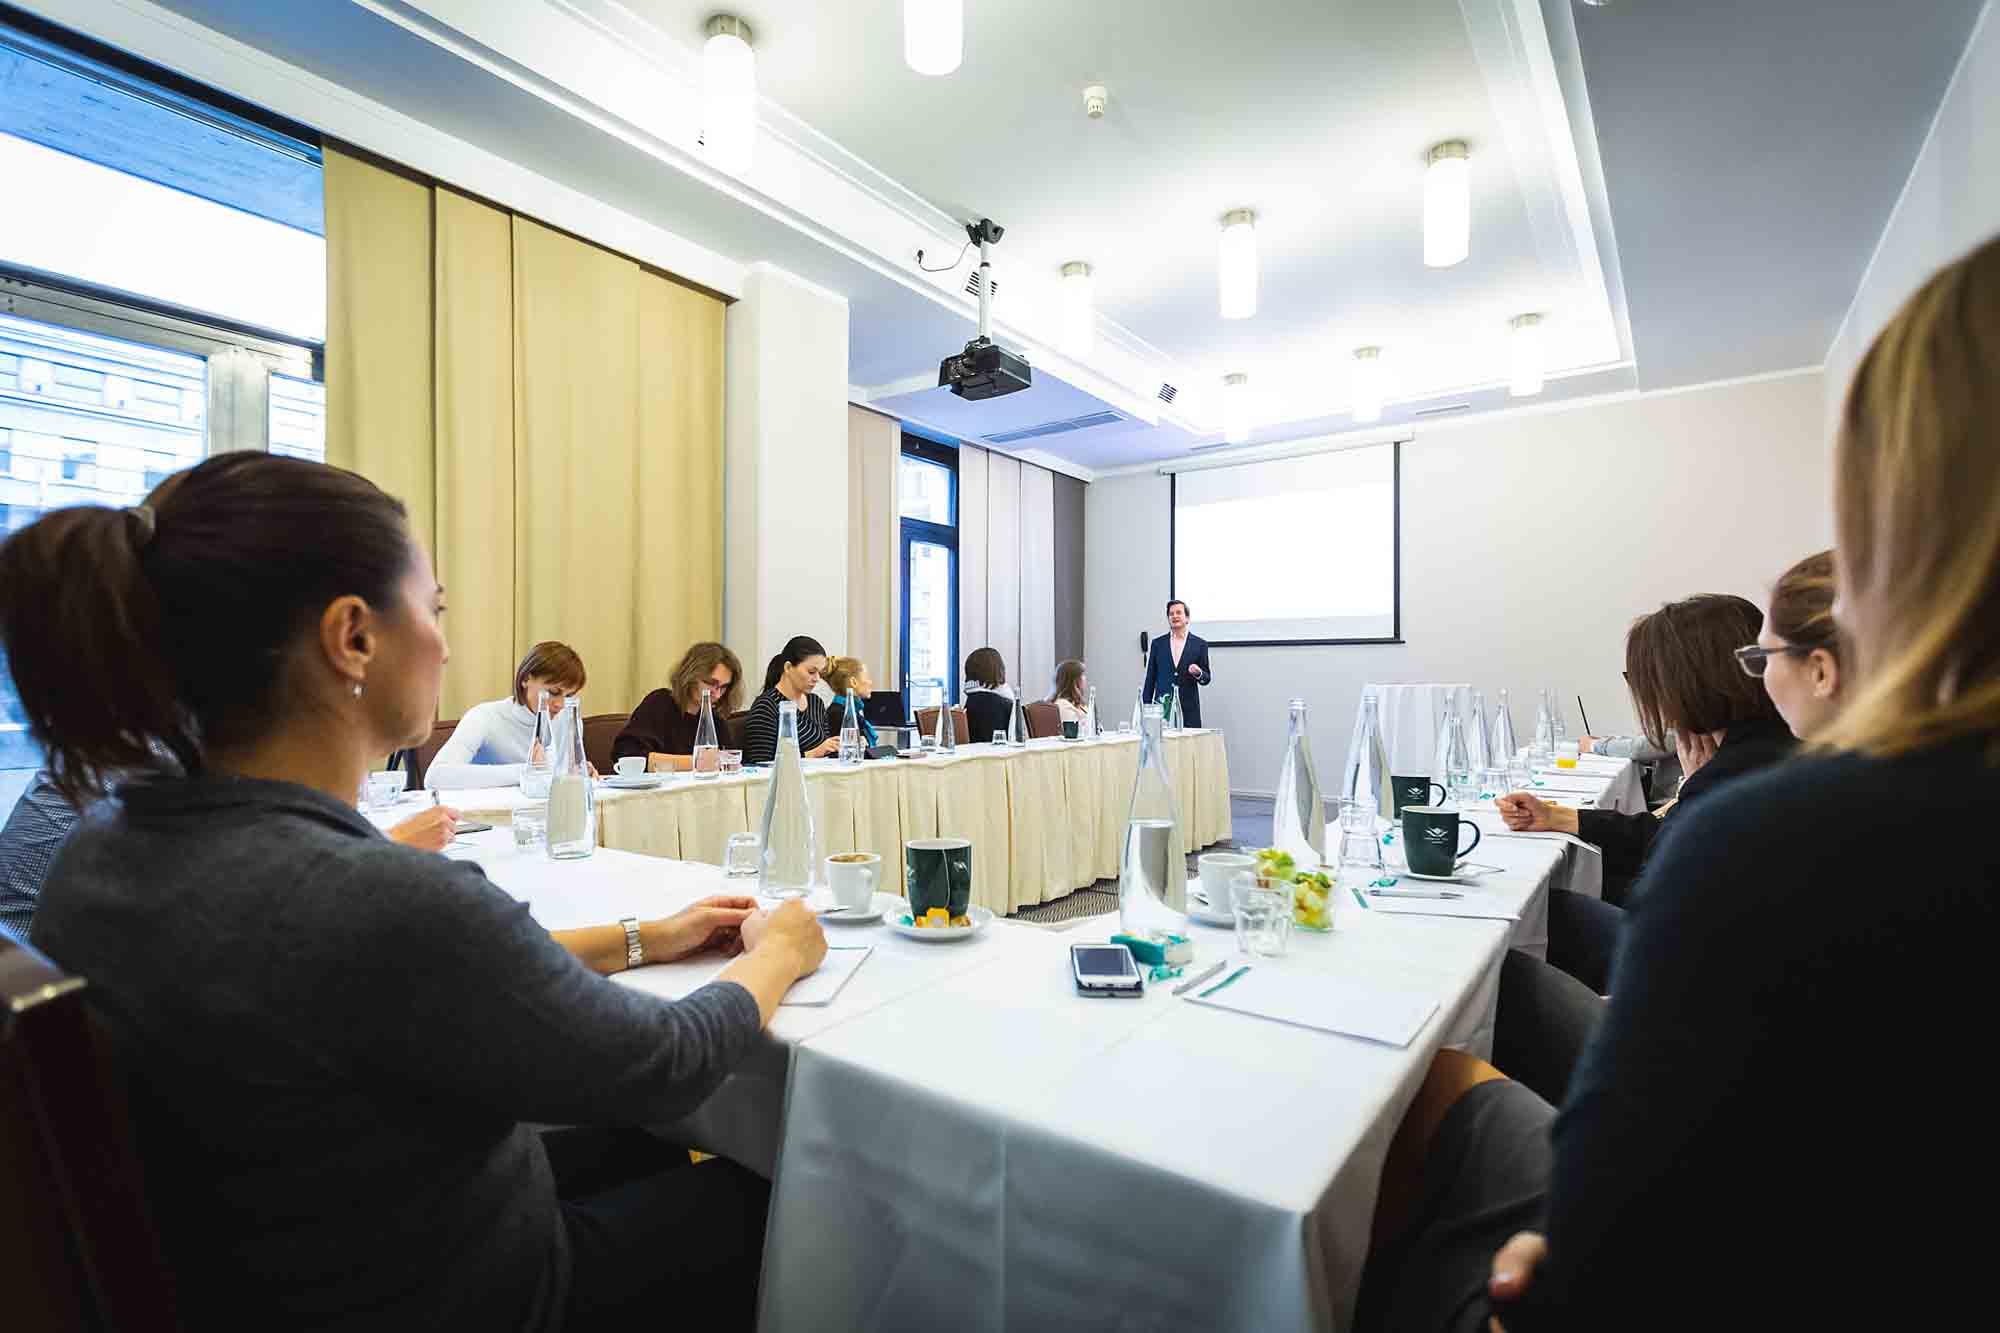 Snídaně s BOROVEC LEGAL 2019/2020 - Teambuilding, aneb jak jej právně ošetřit?